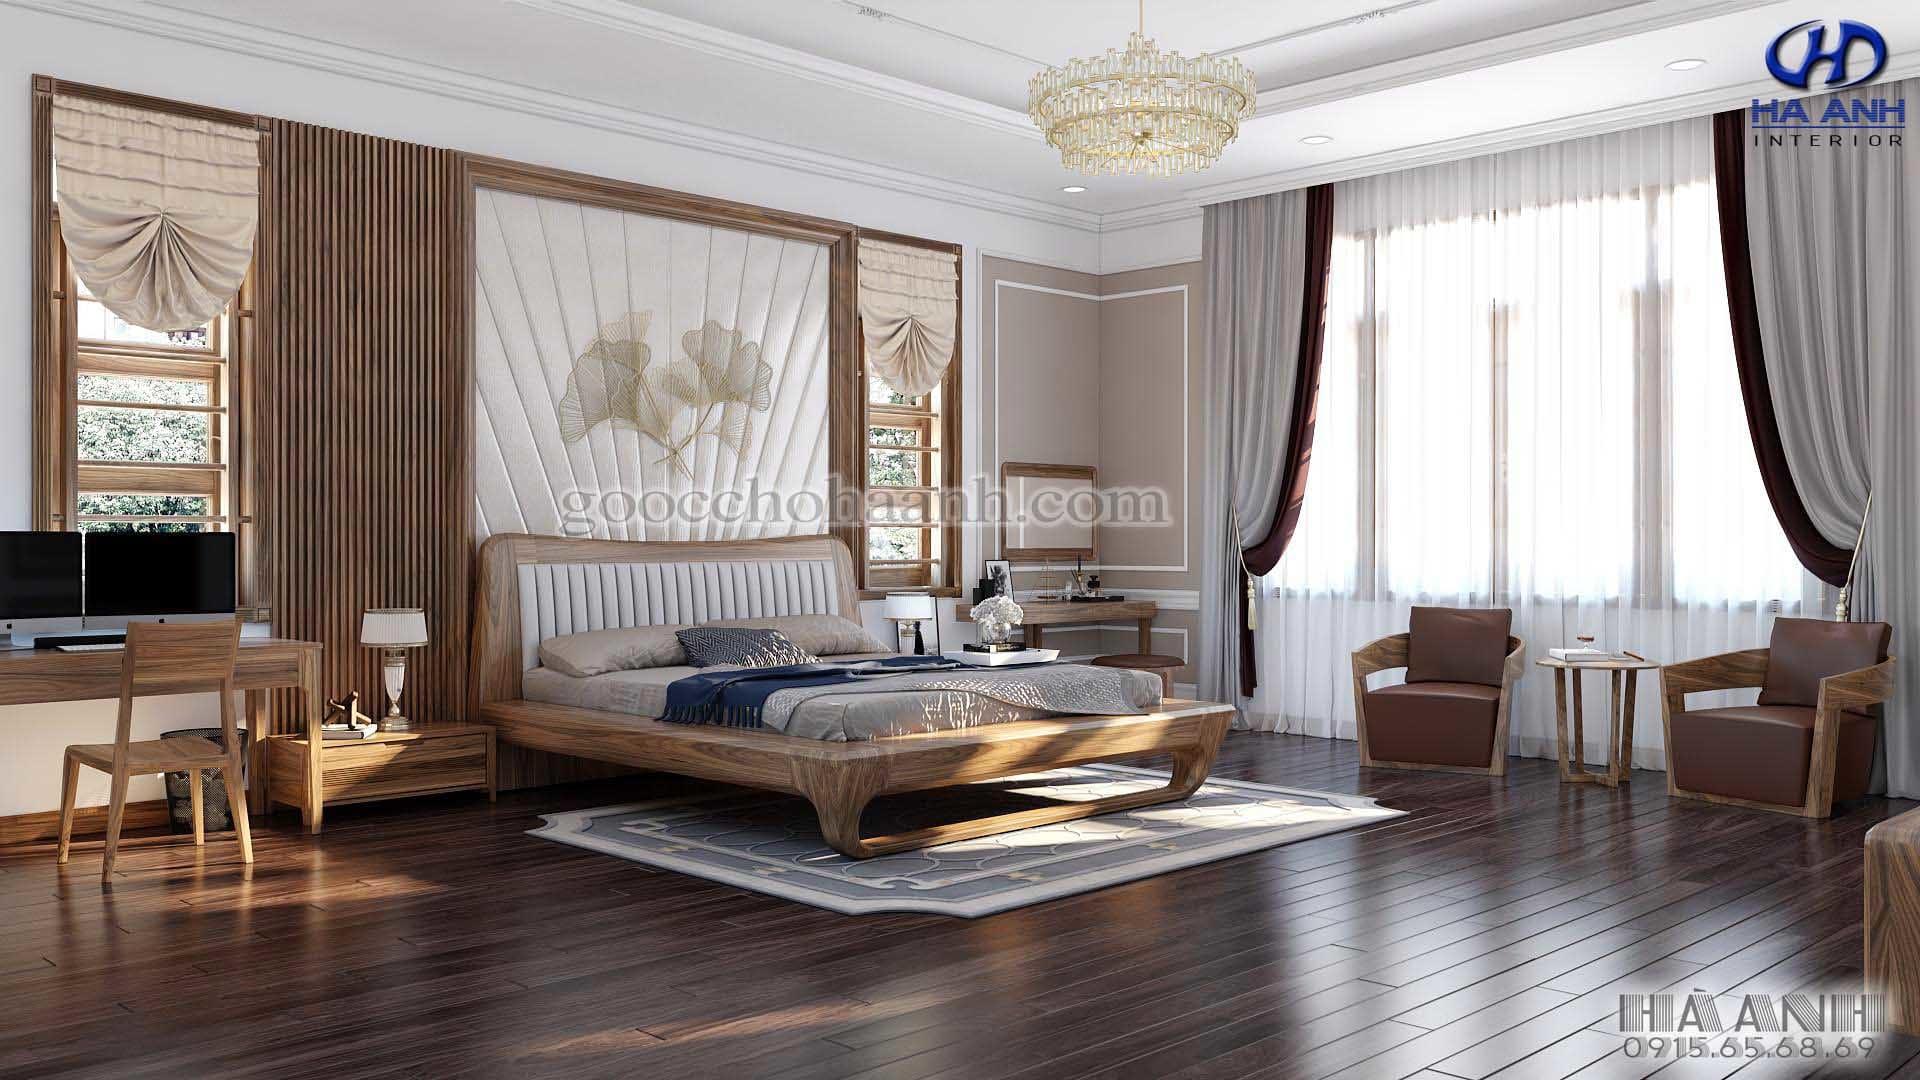 Giường ngủ gỗ óc chó tự nhiên HN 6020